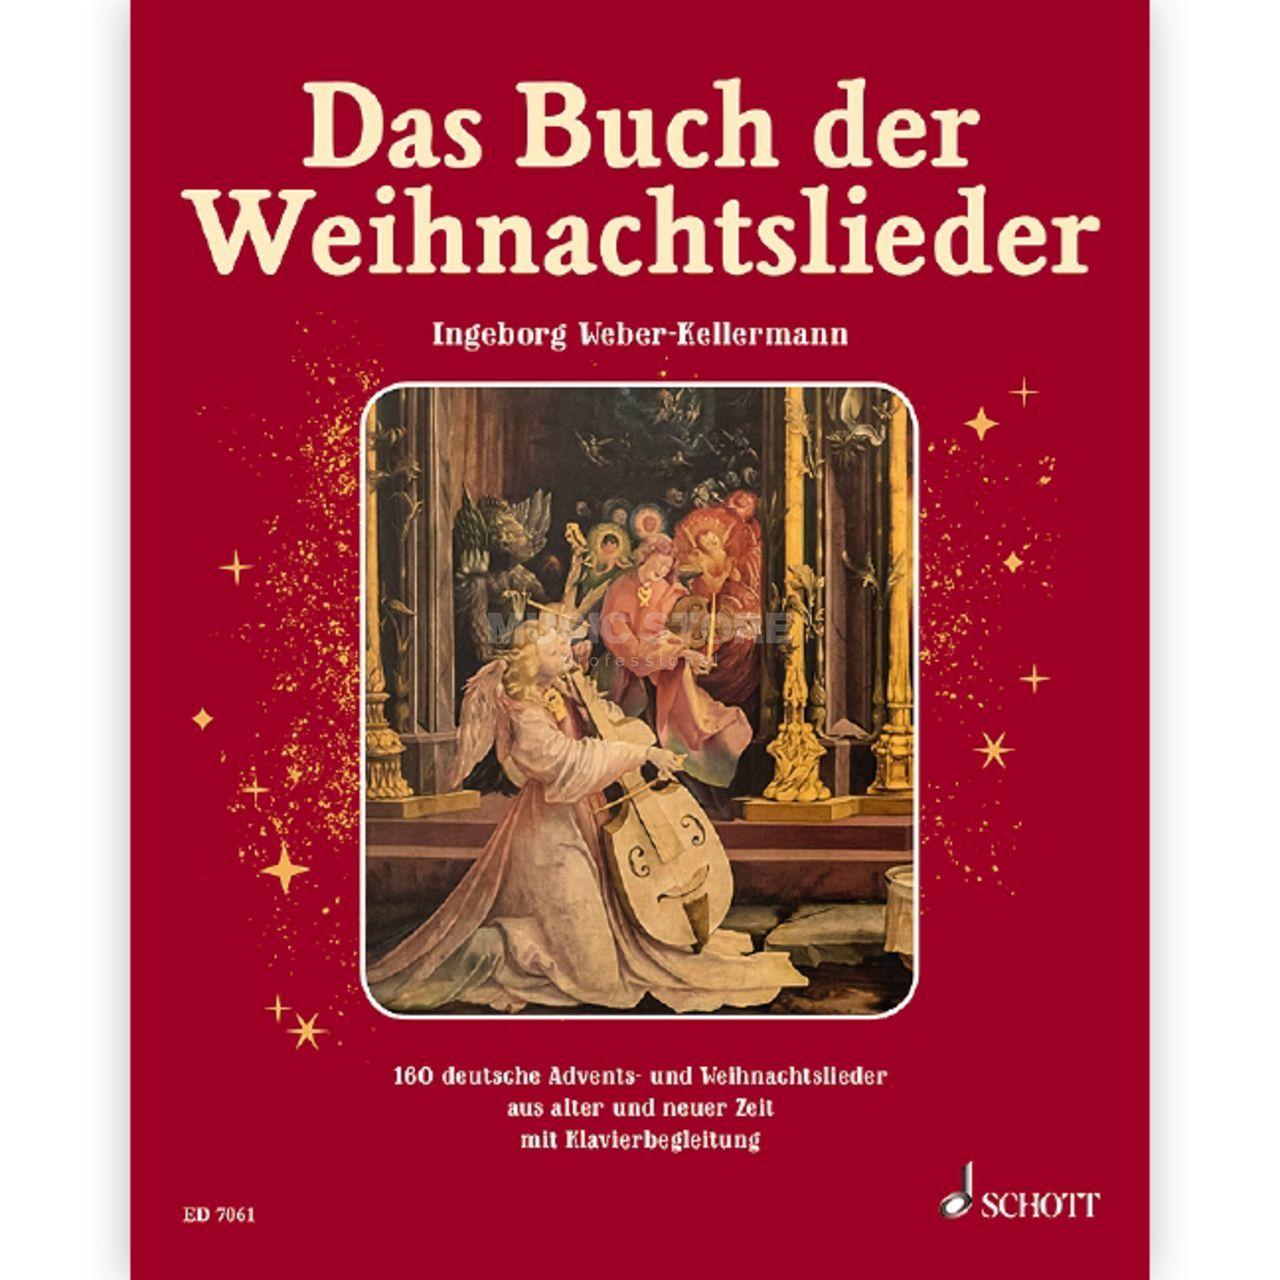 Weihnachtslieder Alphabetisch.Schott Music Das Buch Der Weihnachtslieder Music Store Professional De De